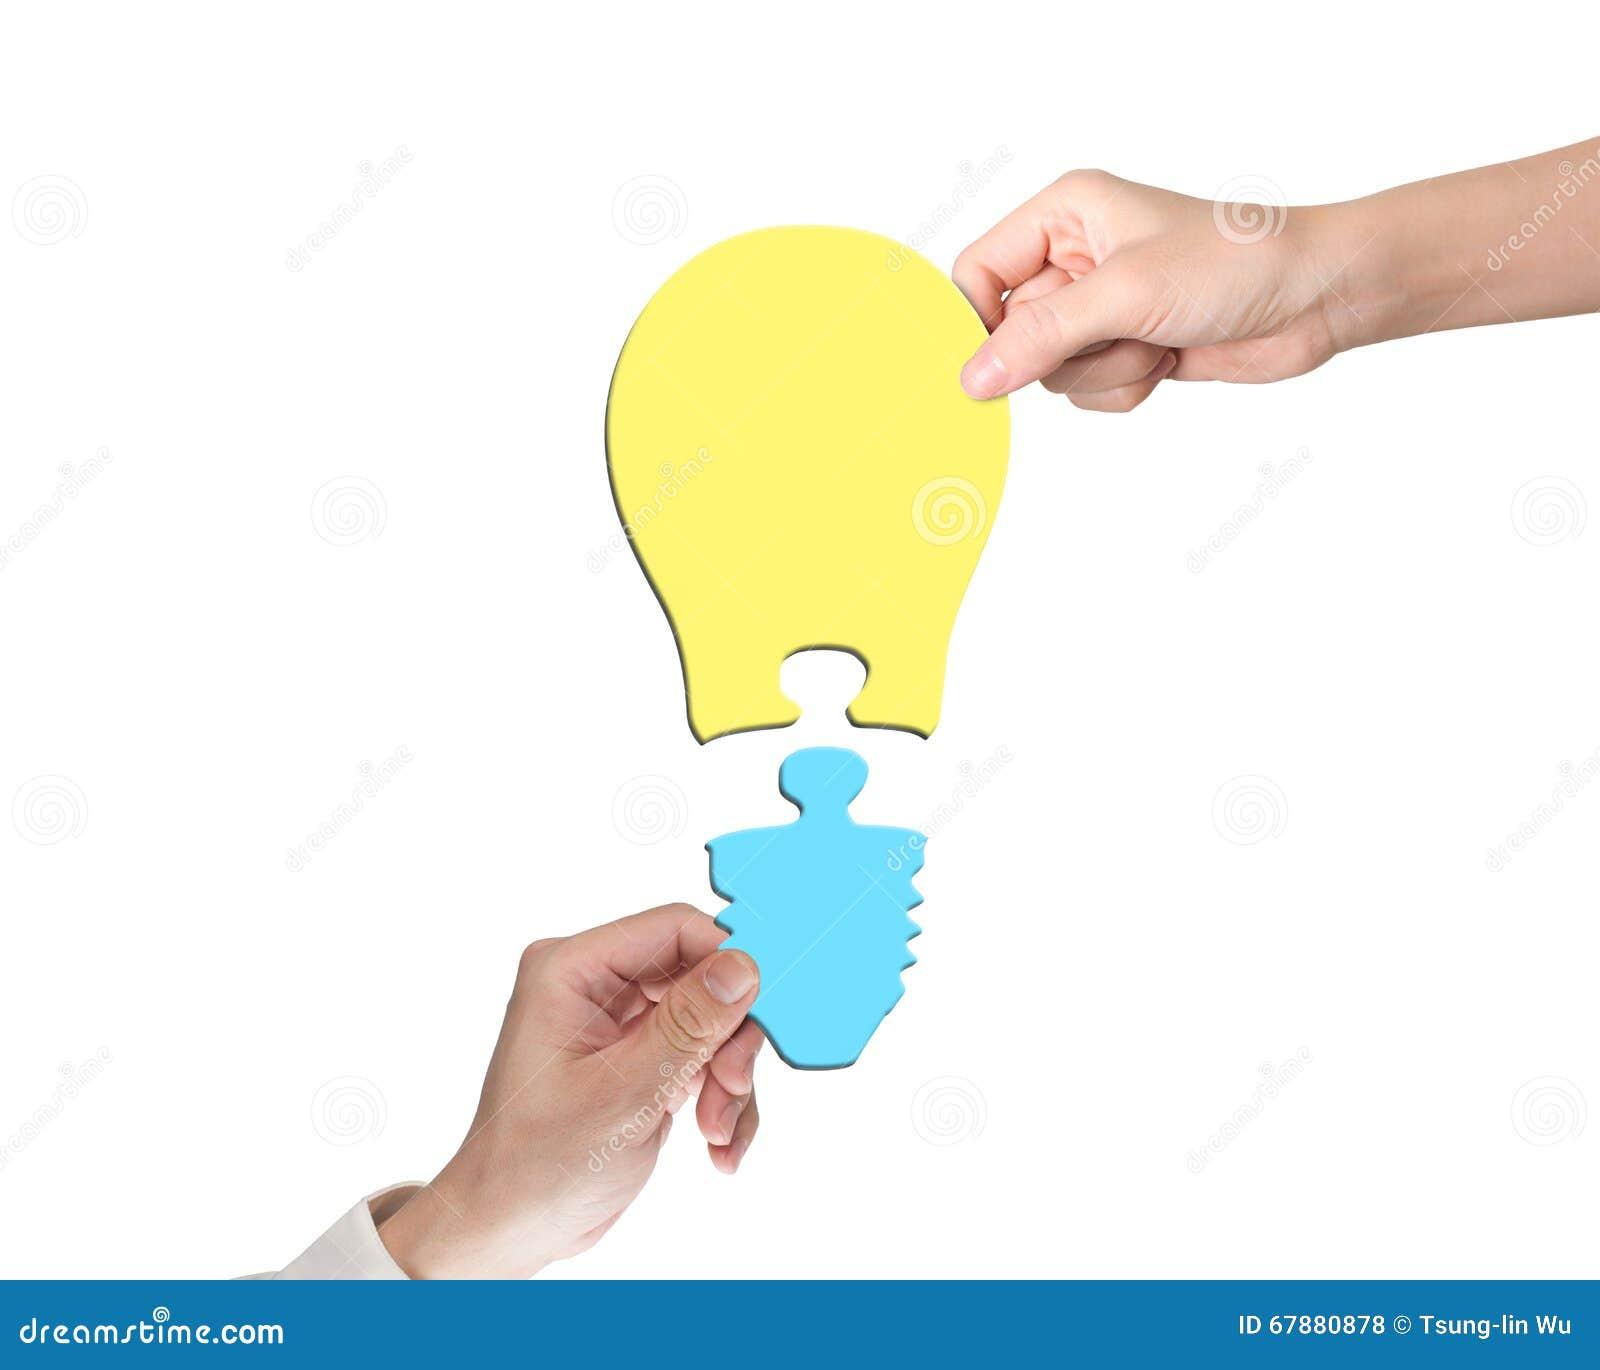 装配一个电灯泡形状难题的妇女和人两手